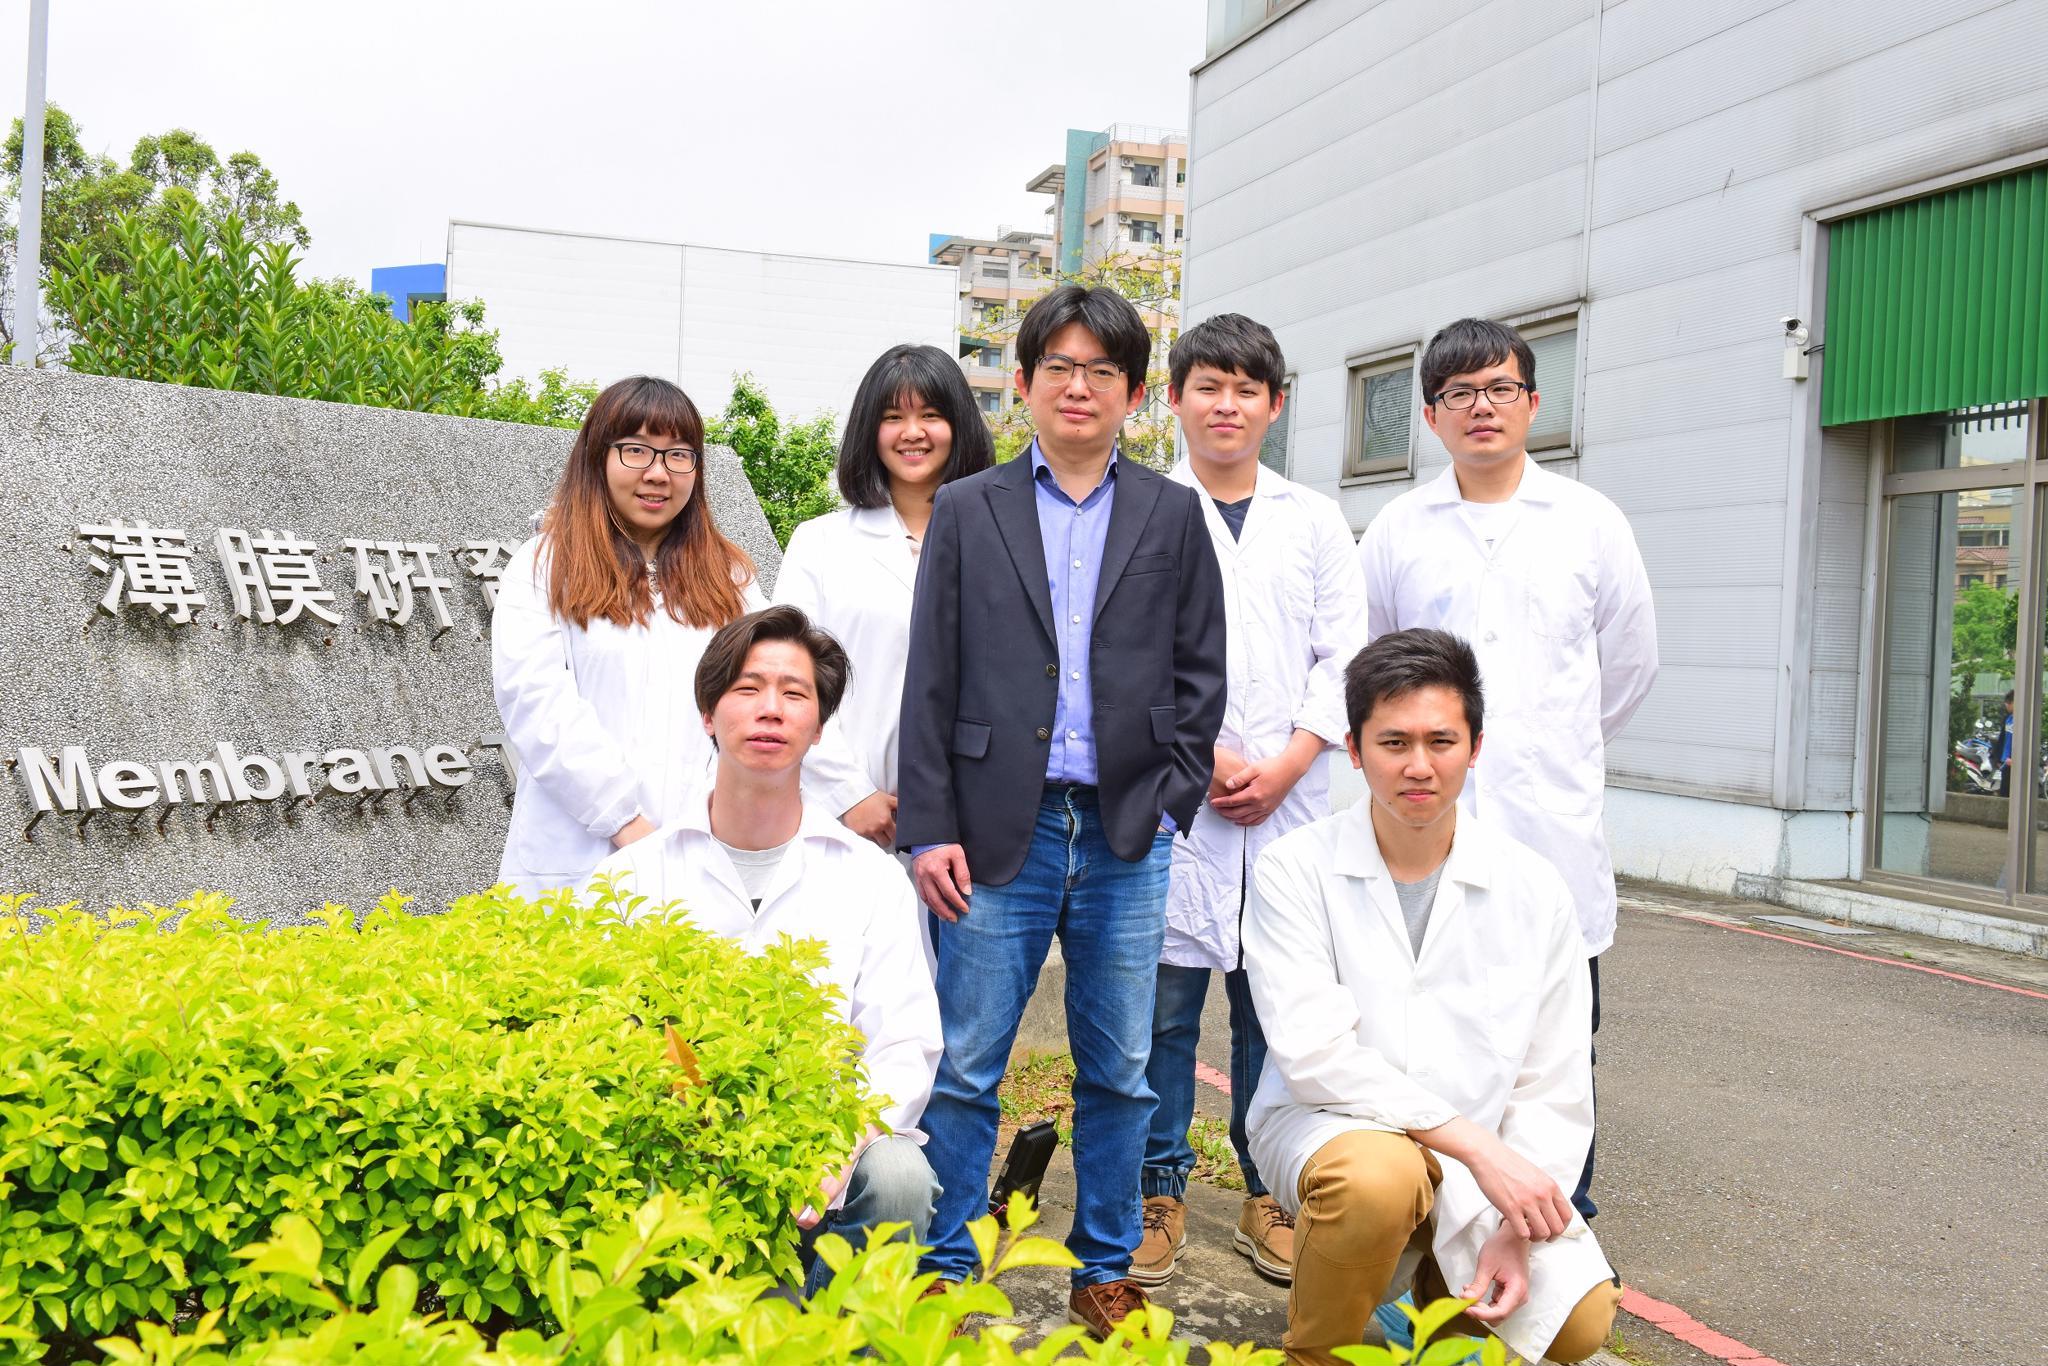 血液淨化科技創新獨步全球  中原化工教授張雍榮獲「傑出亞洲研究員暨工程師獎」